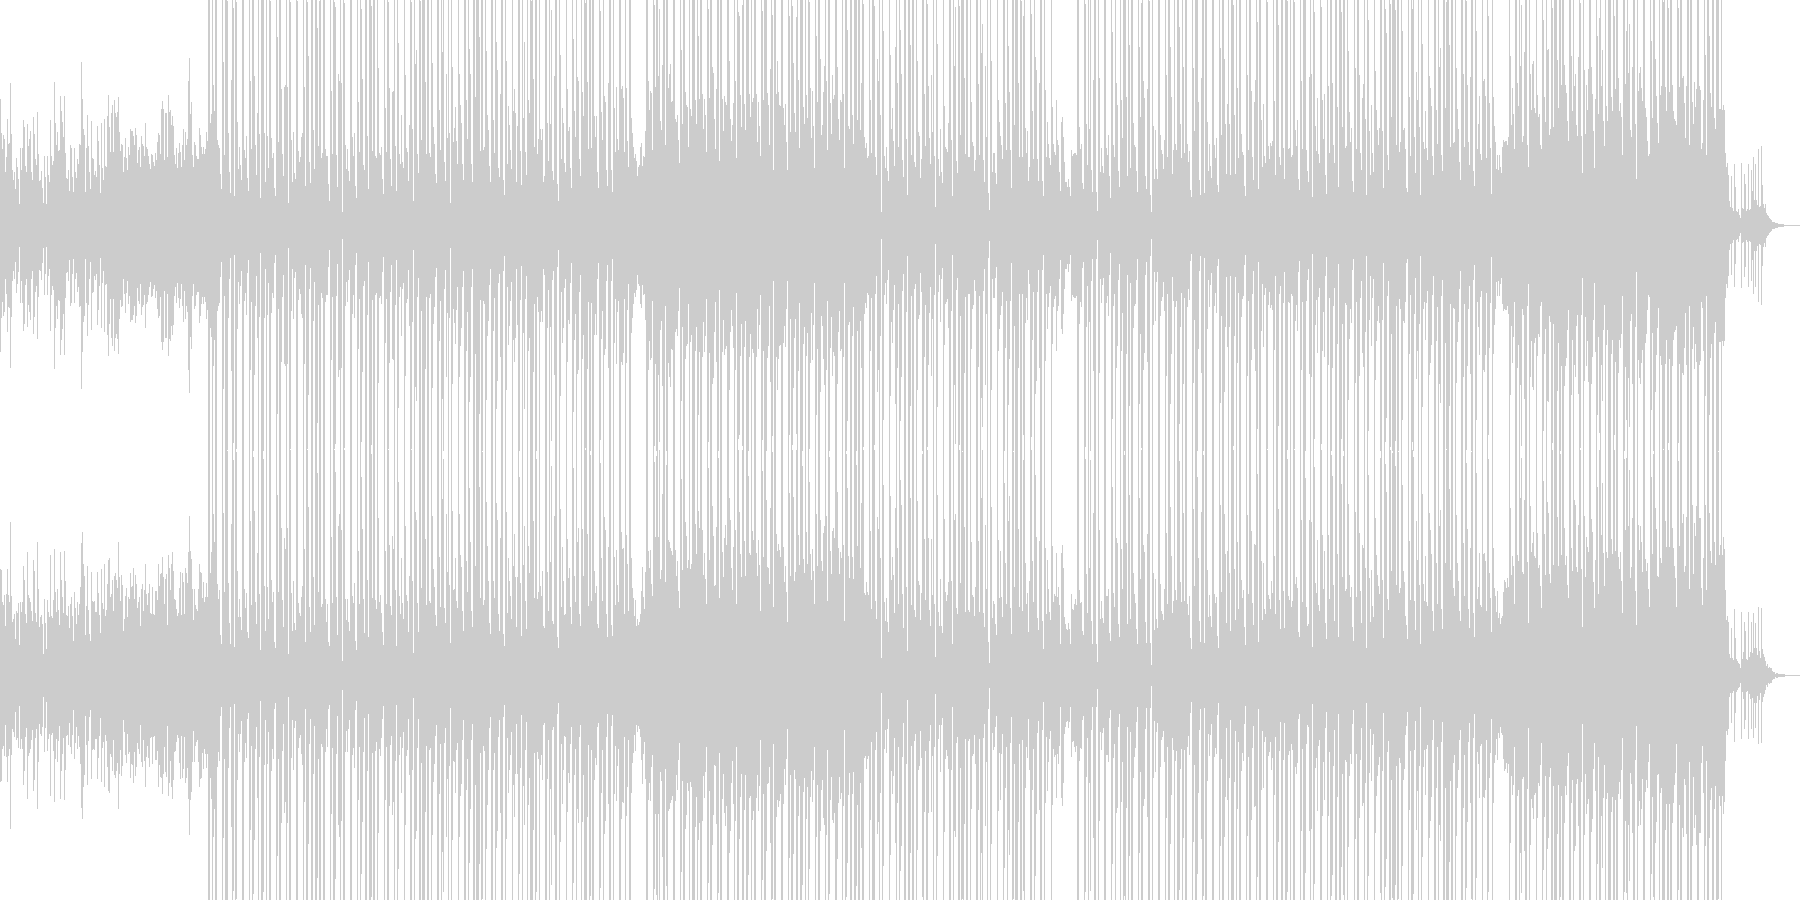 ノスタルジックなHIPHOPビートの未再生の波形